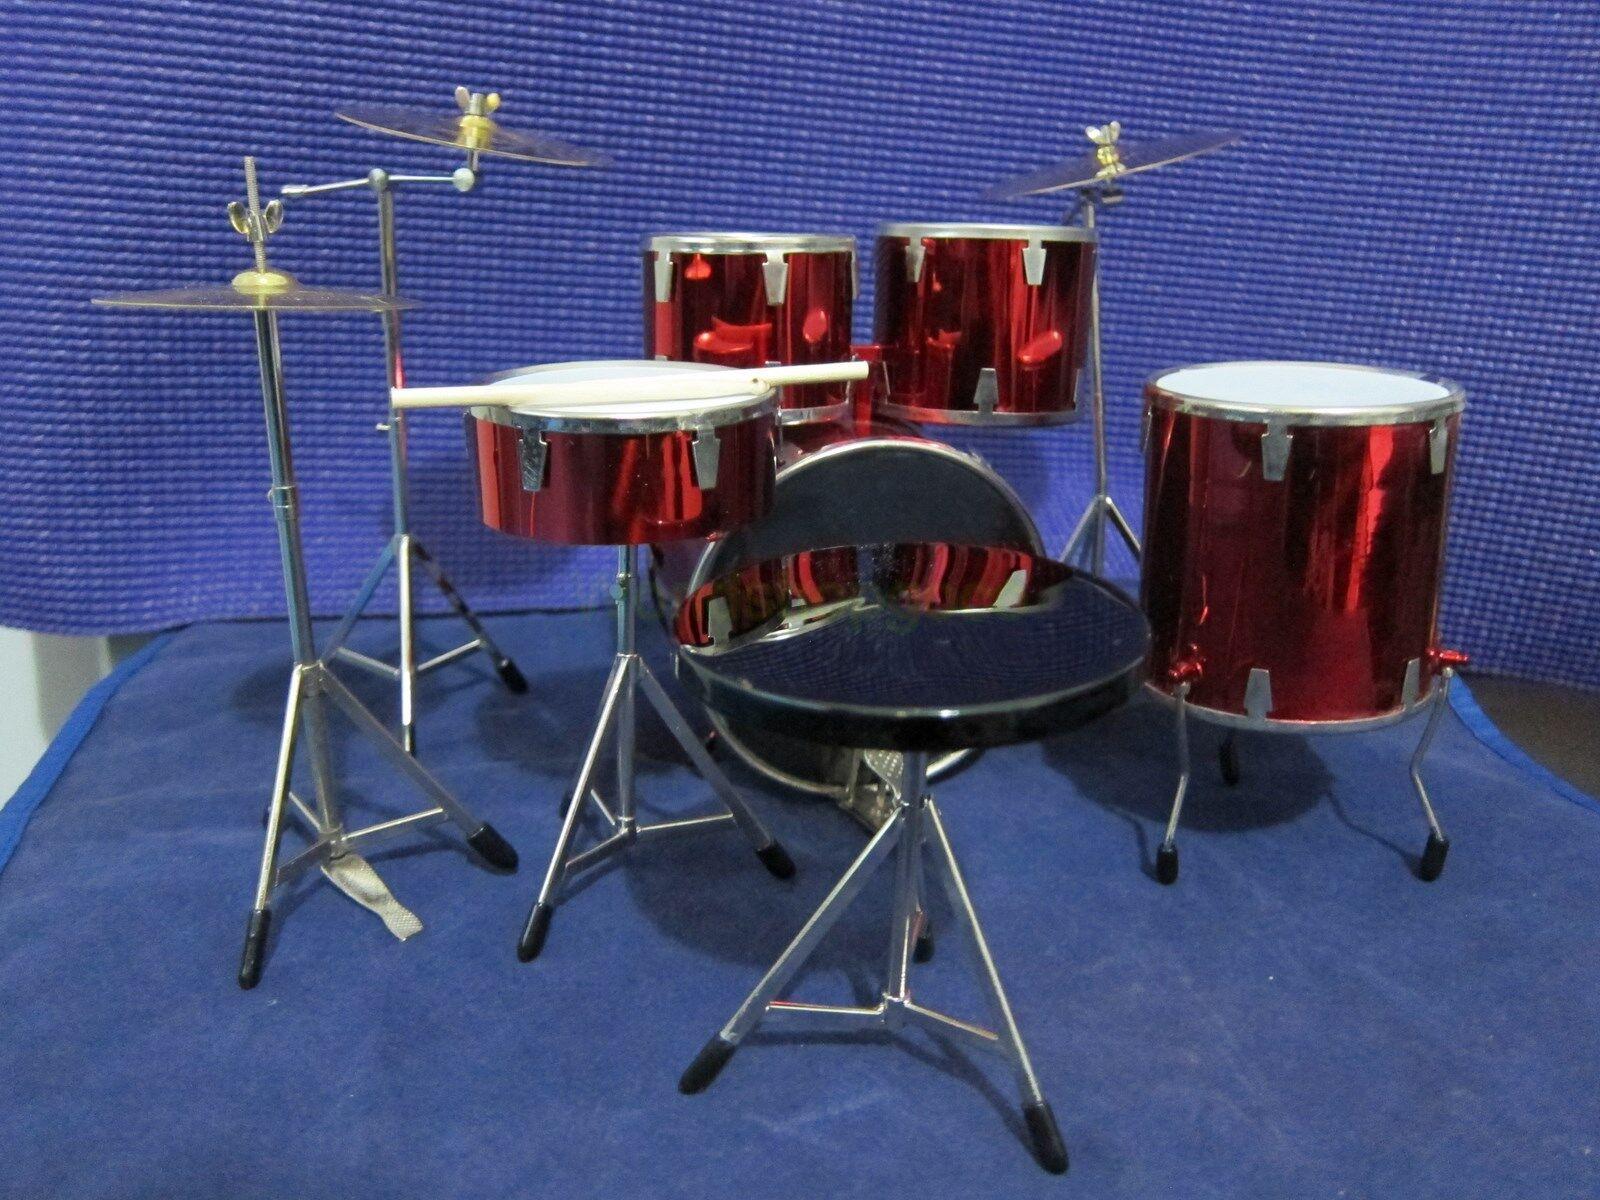 1 6 Scale rouge Drum  Set Musical InstruHommest for 12  Action figure  économiser sur le dédouanement